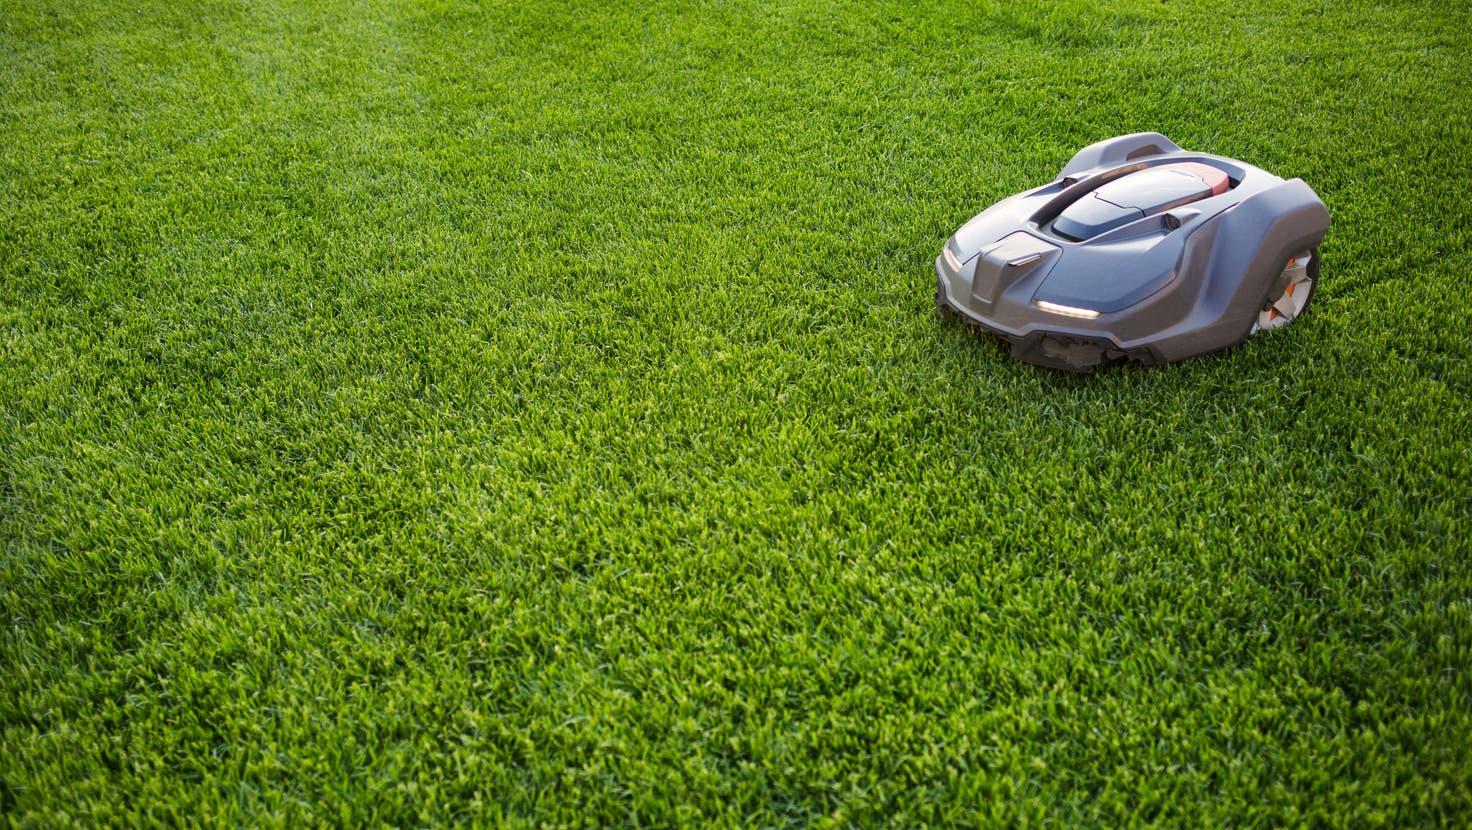 Automatische Rasenmäher: praktisch, aber auch sinnvoll? (Bild: Natalia Bodrova / iStockphoto)